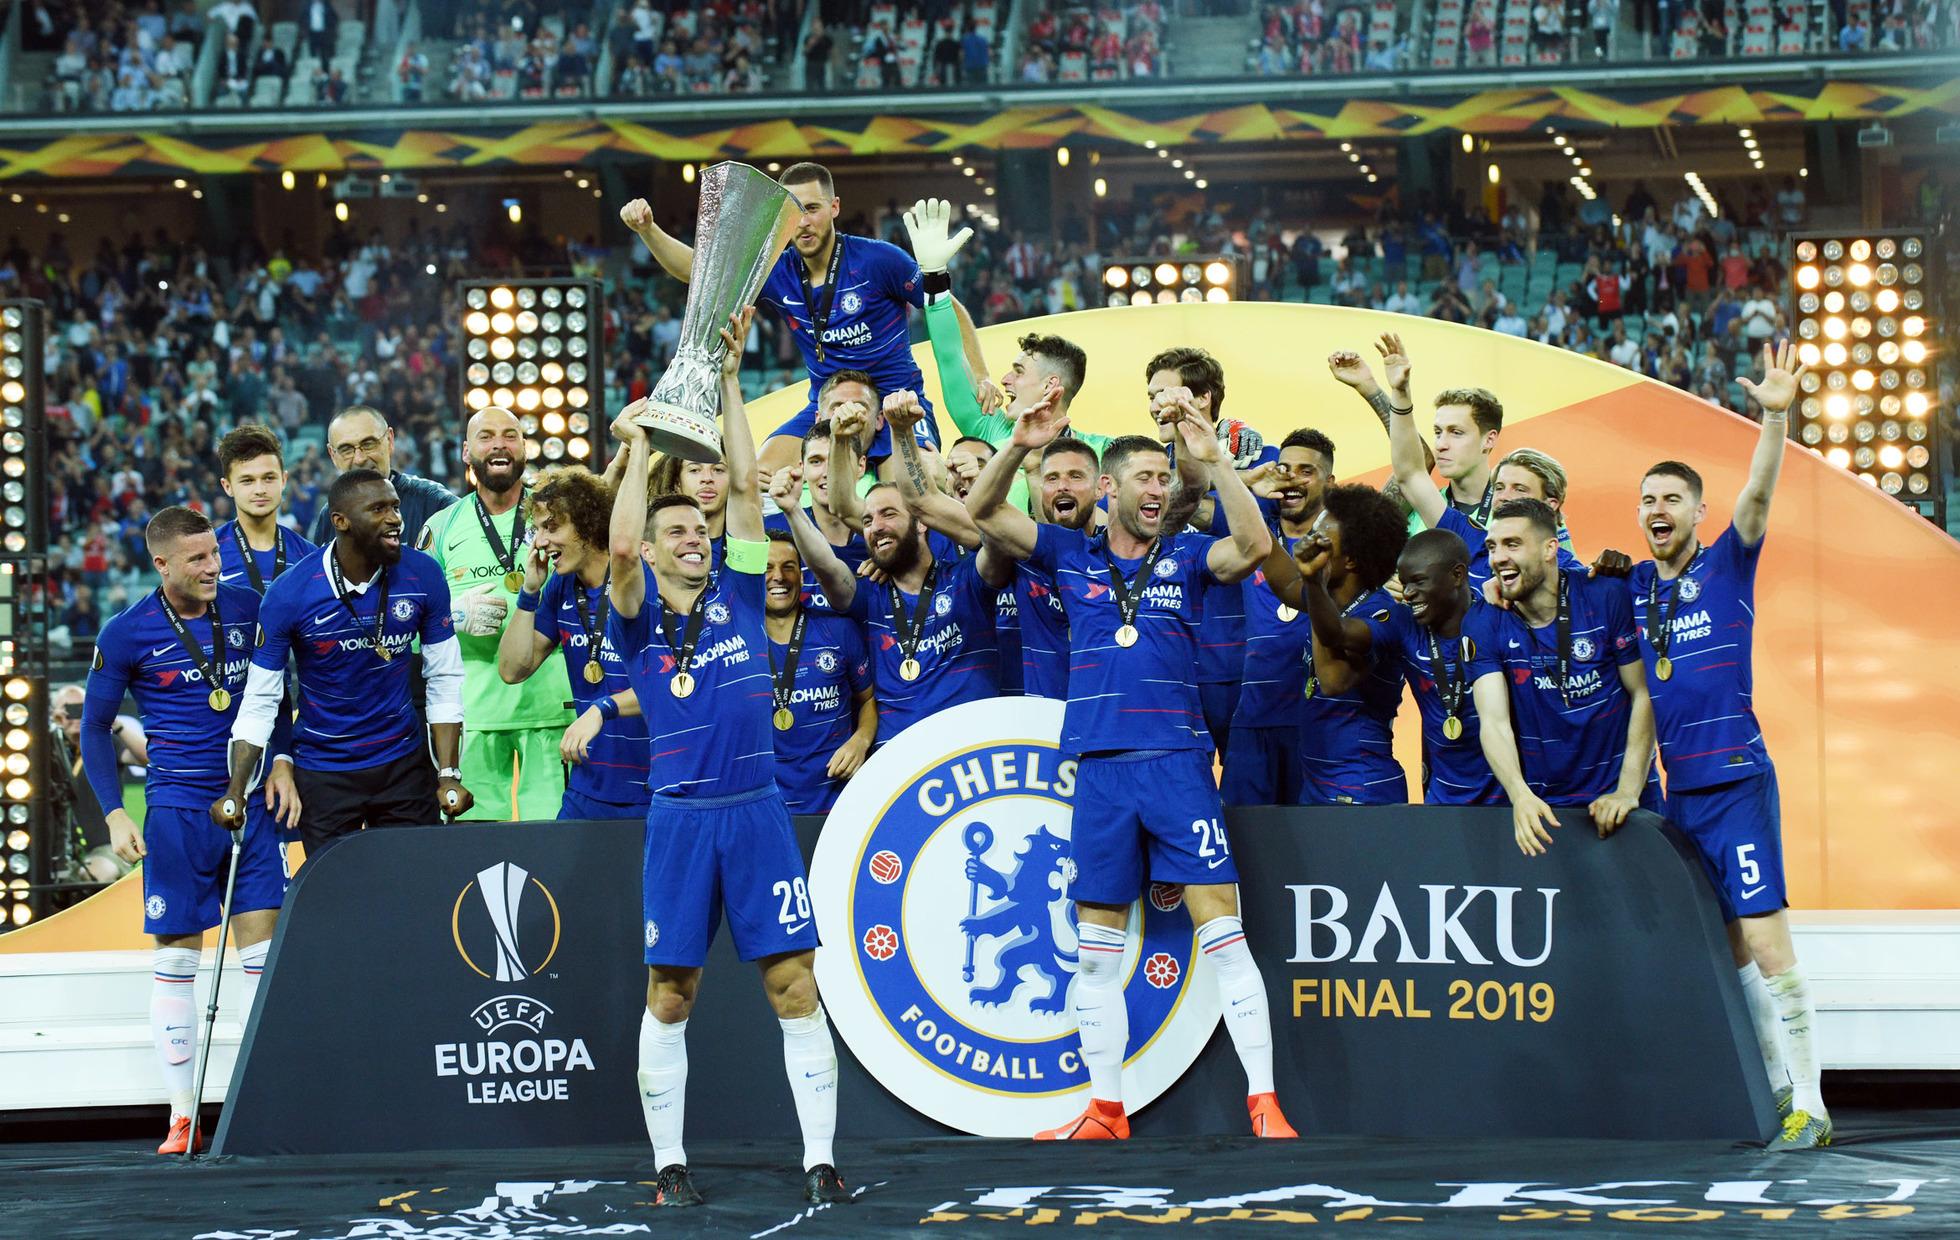 Joueurs du Chelsea FC vainqueur de l'Europa League 2018-2019 contre Arsenal